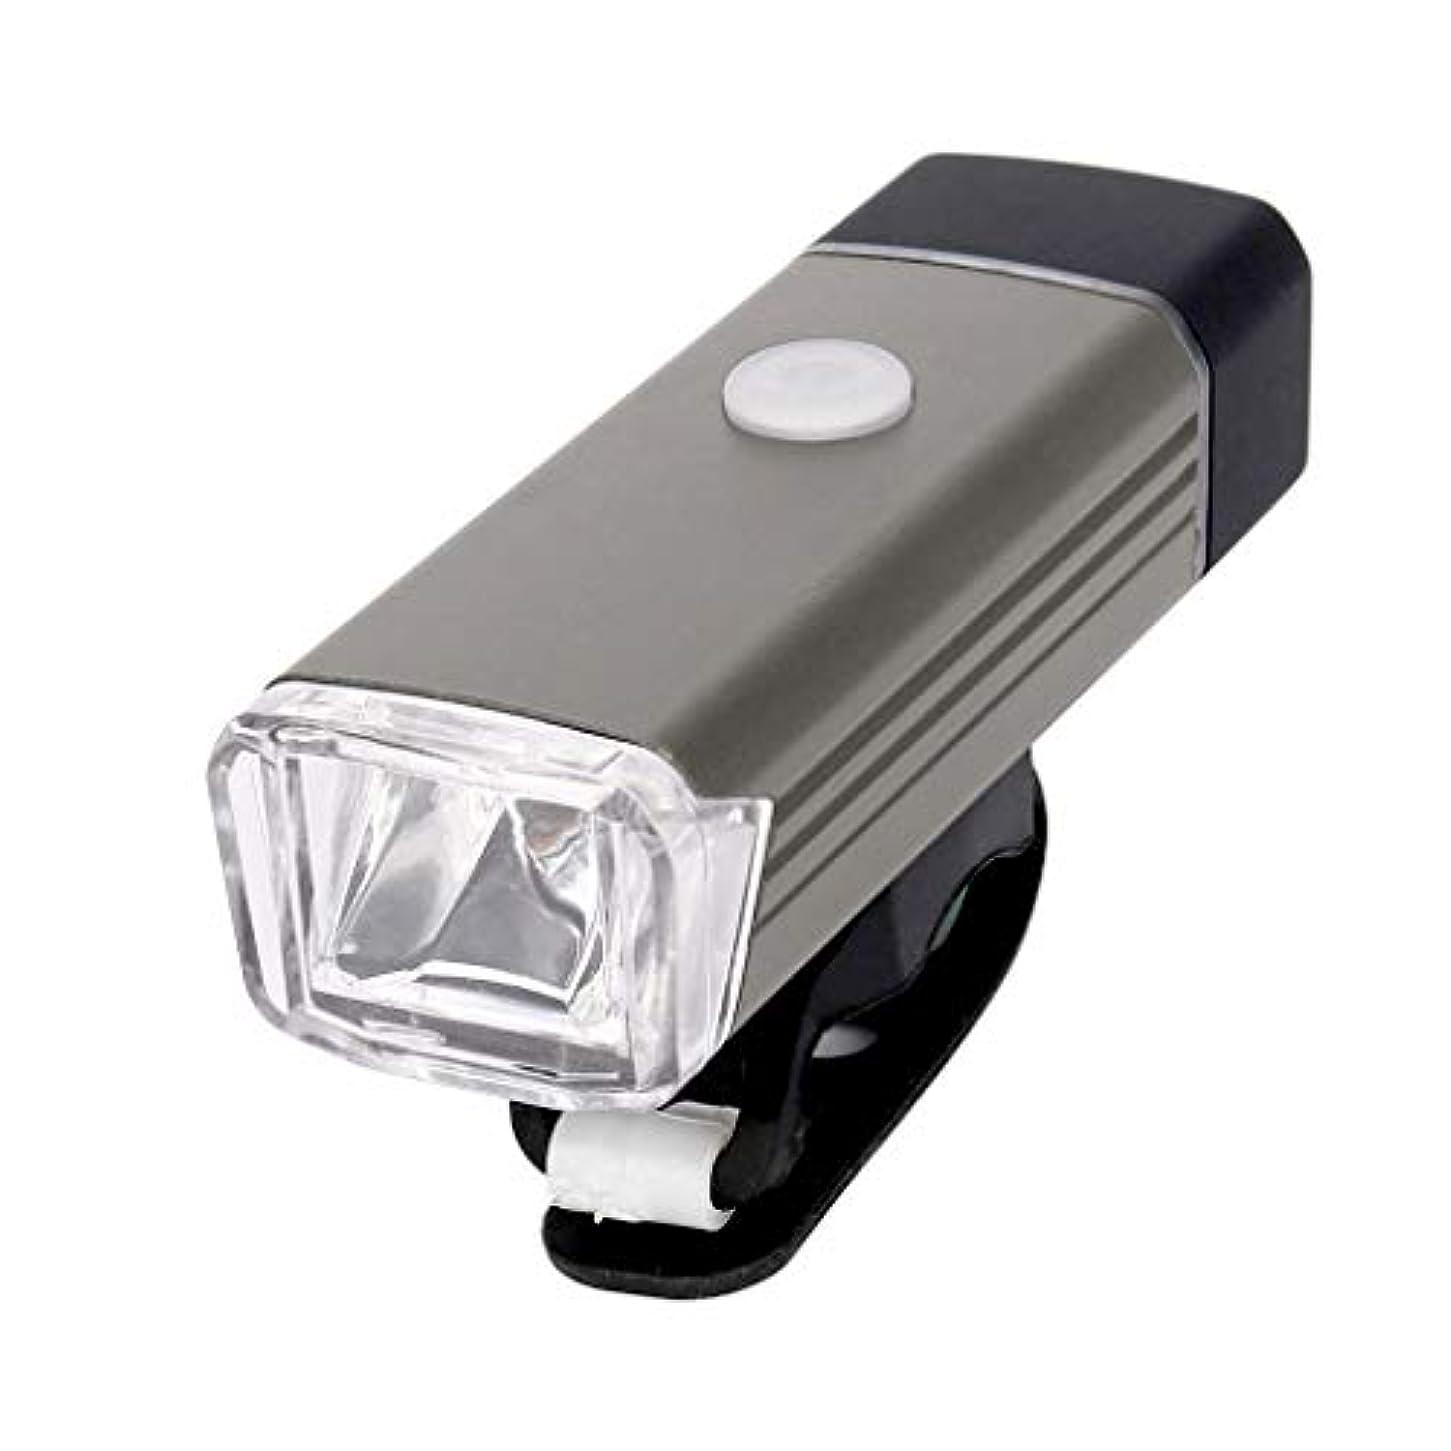 ドナーデンプシー重々しいPalaver 自転車用ライトセット パワフル 充電式 超明るい LED フロントサイドライト 無料のリアテールライト